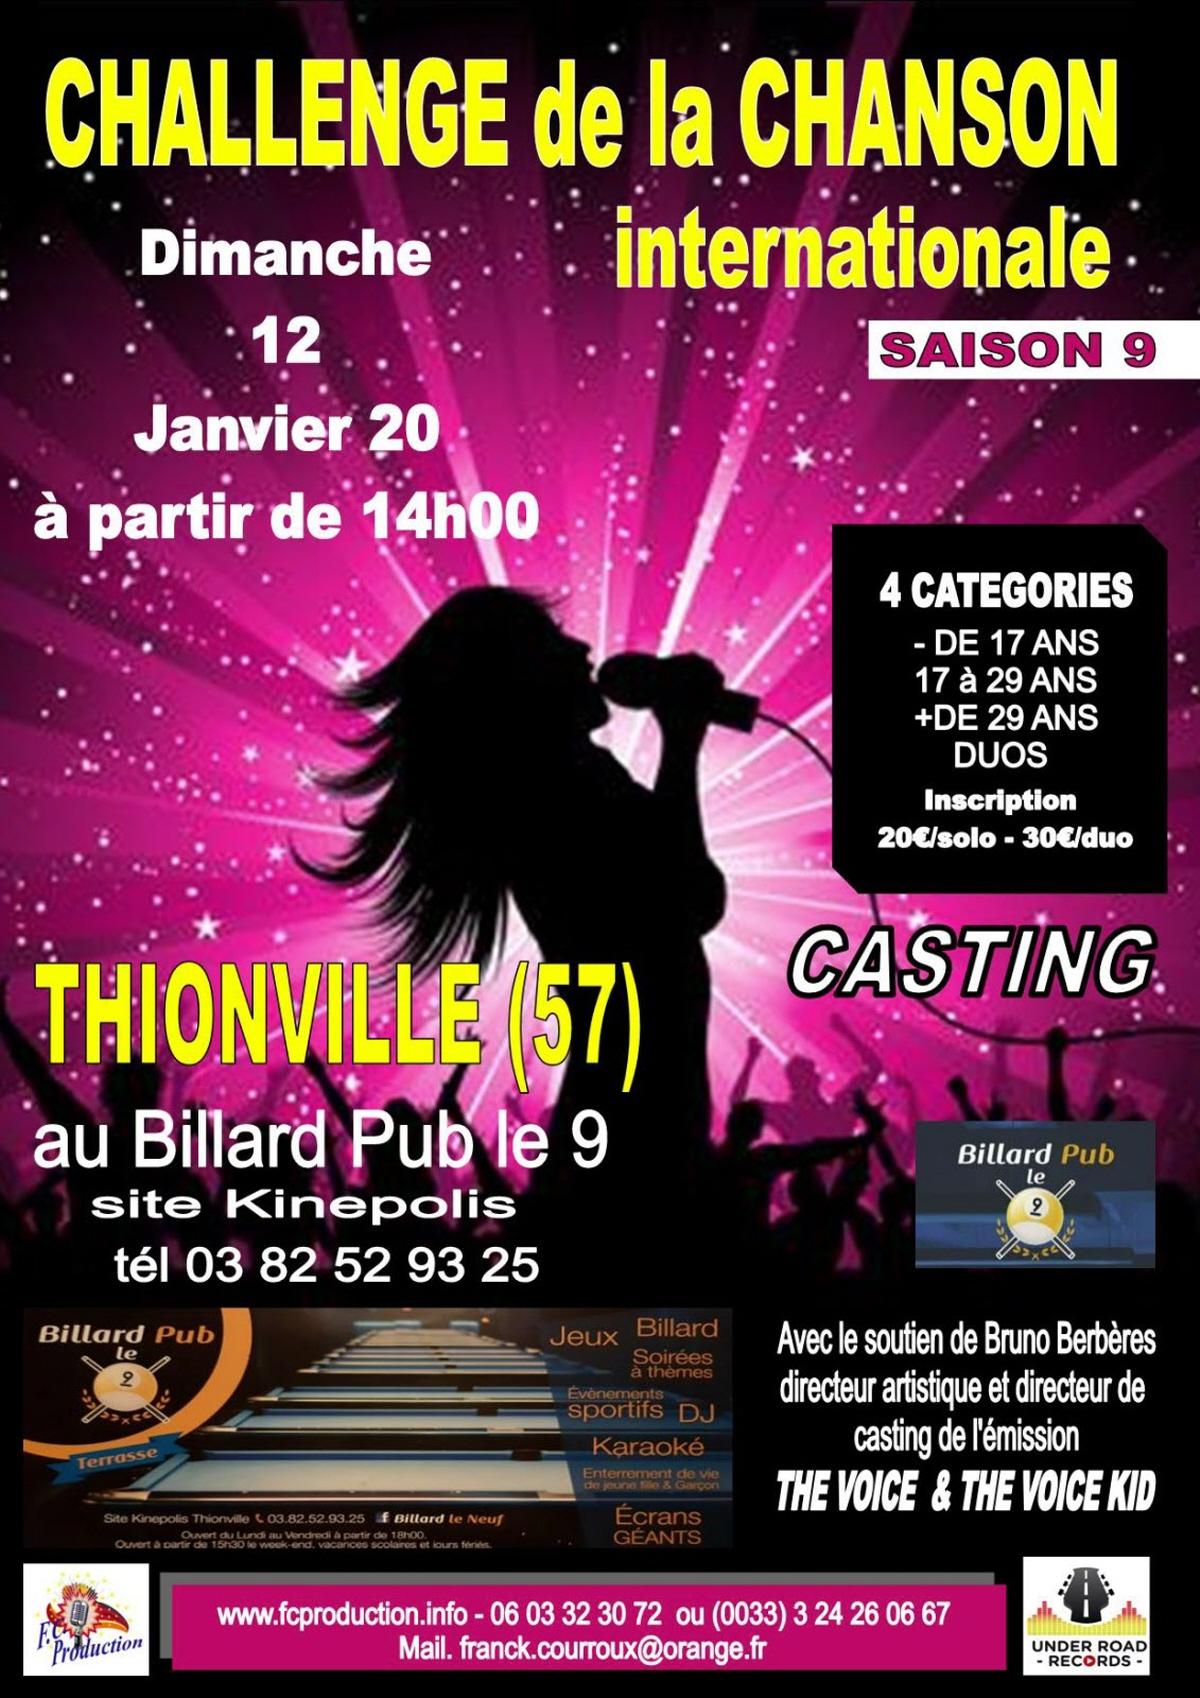 Challenge De La Chanson Internationale : Concert Chanson dedans Inscription Jeux De Fille